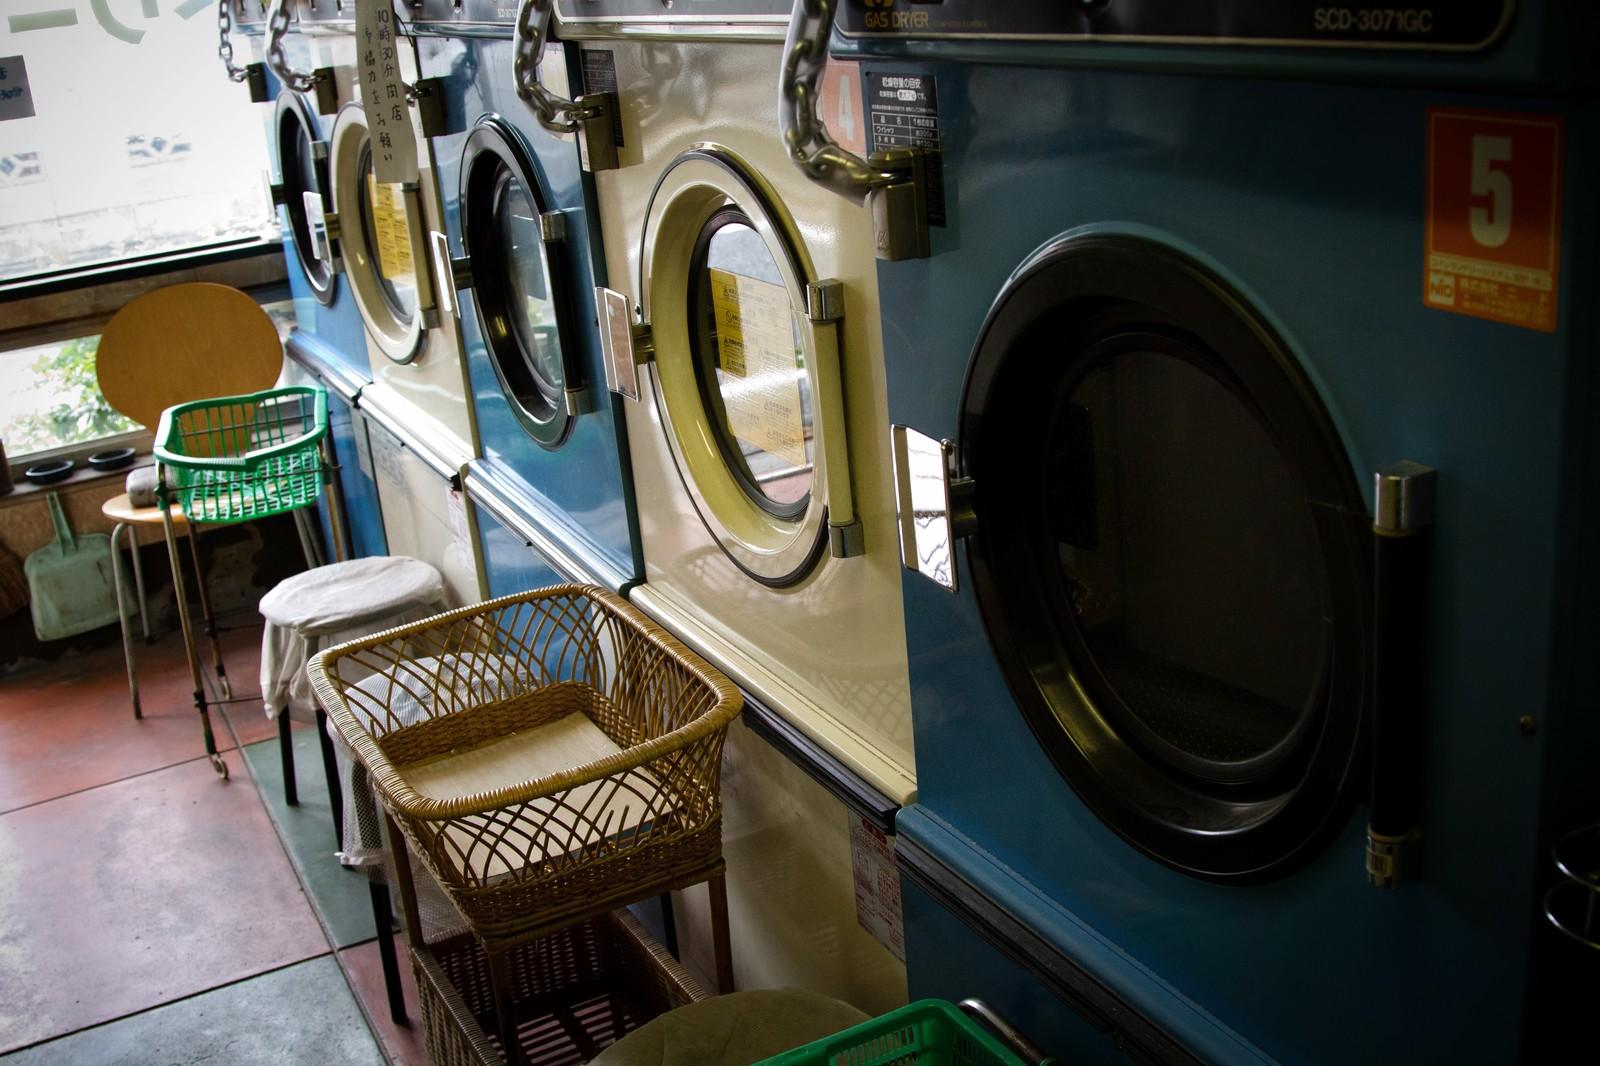 洗濯機から水が出ない!水道が凍結した場合の対処法を解説します